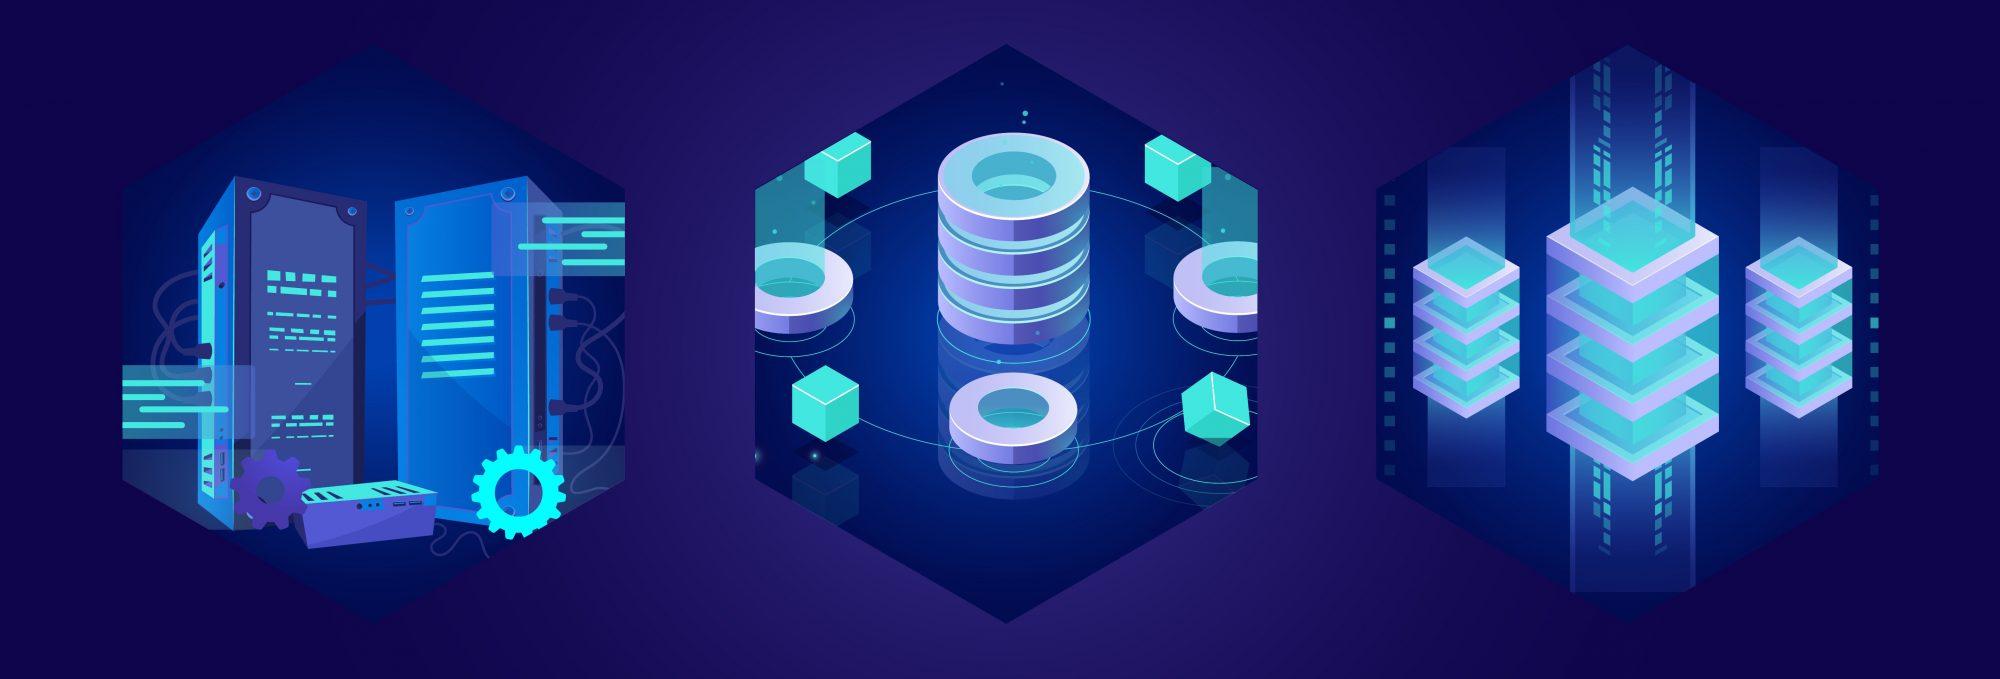 Learn Deep Learning Best Practices & Azure Storage | Deepak